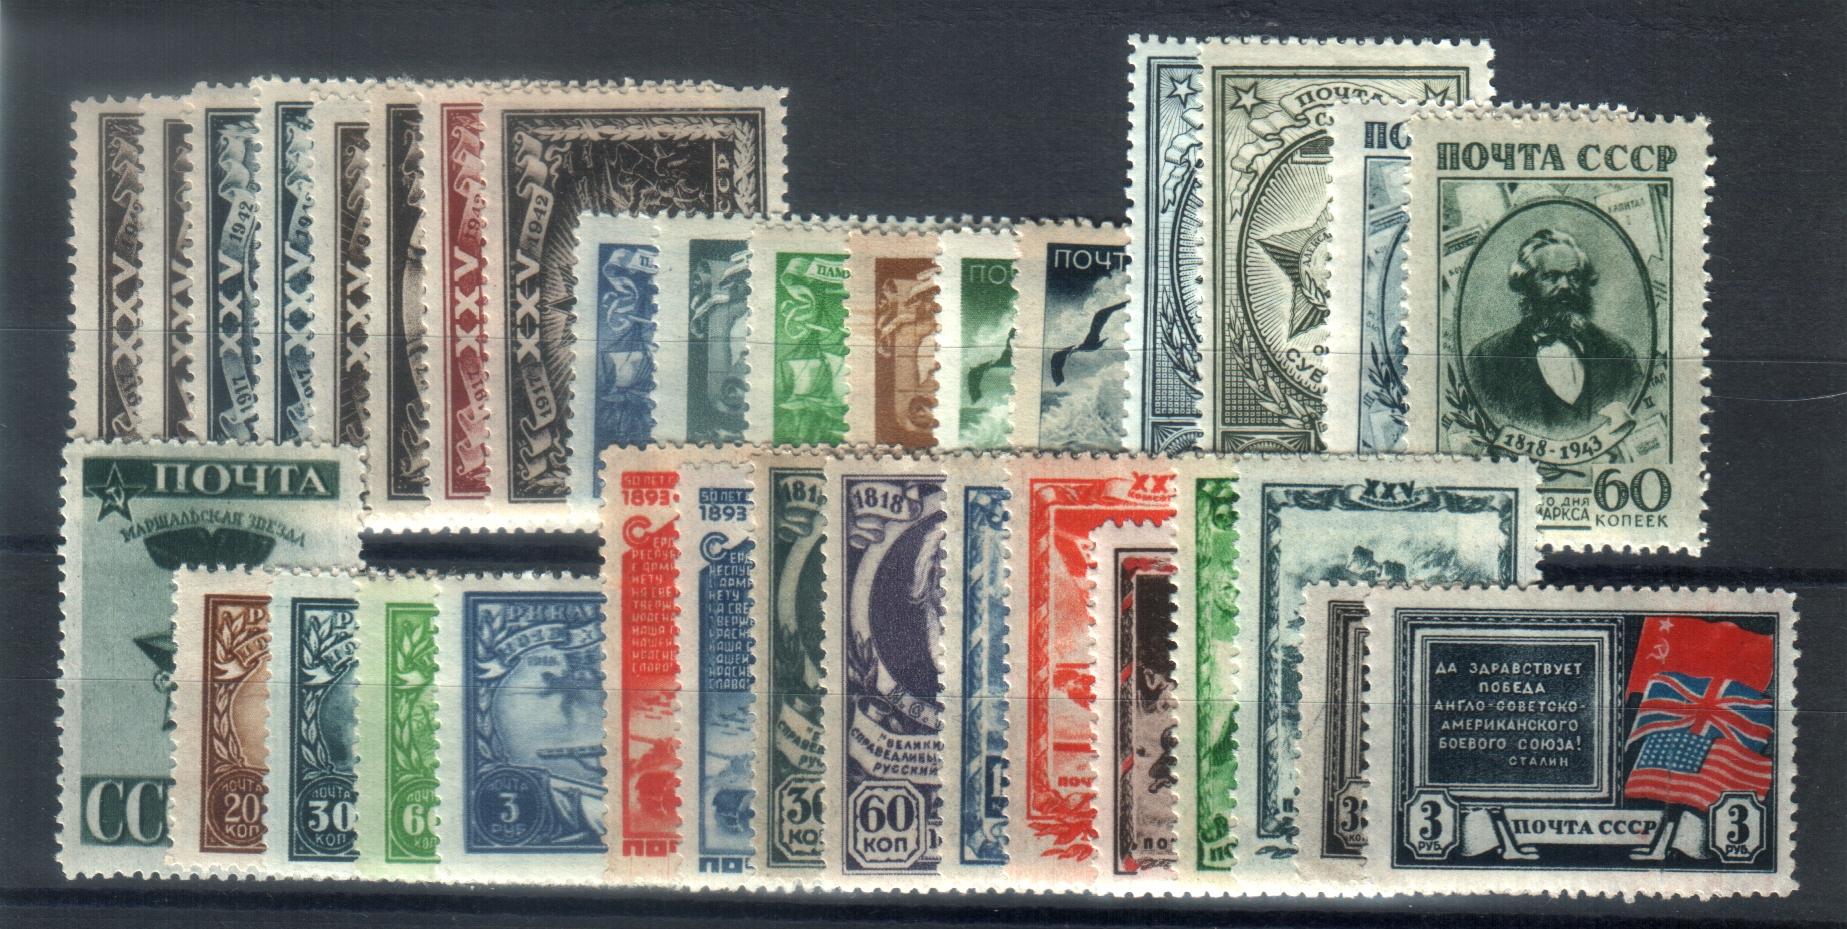 Годовой набор почтовых марок СССР 1943 год, 34 марки.